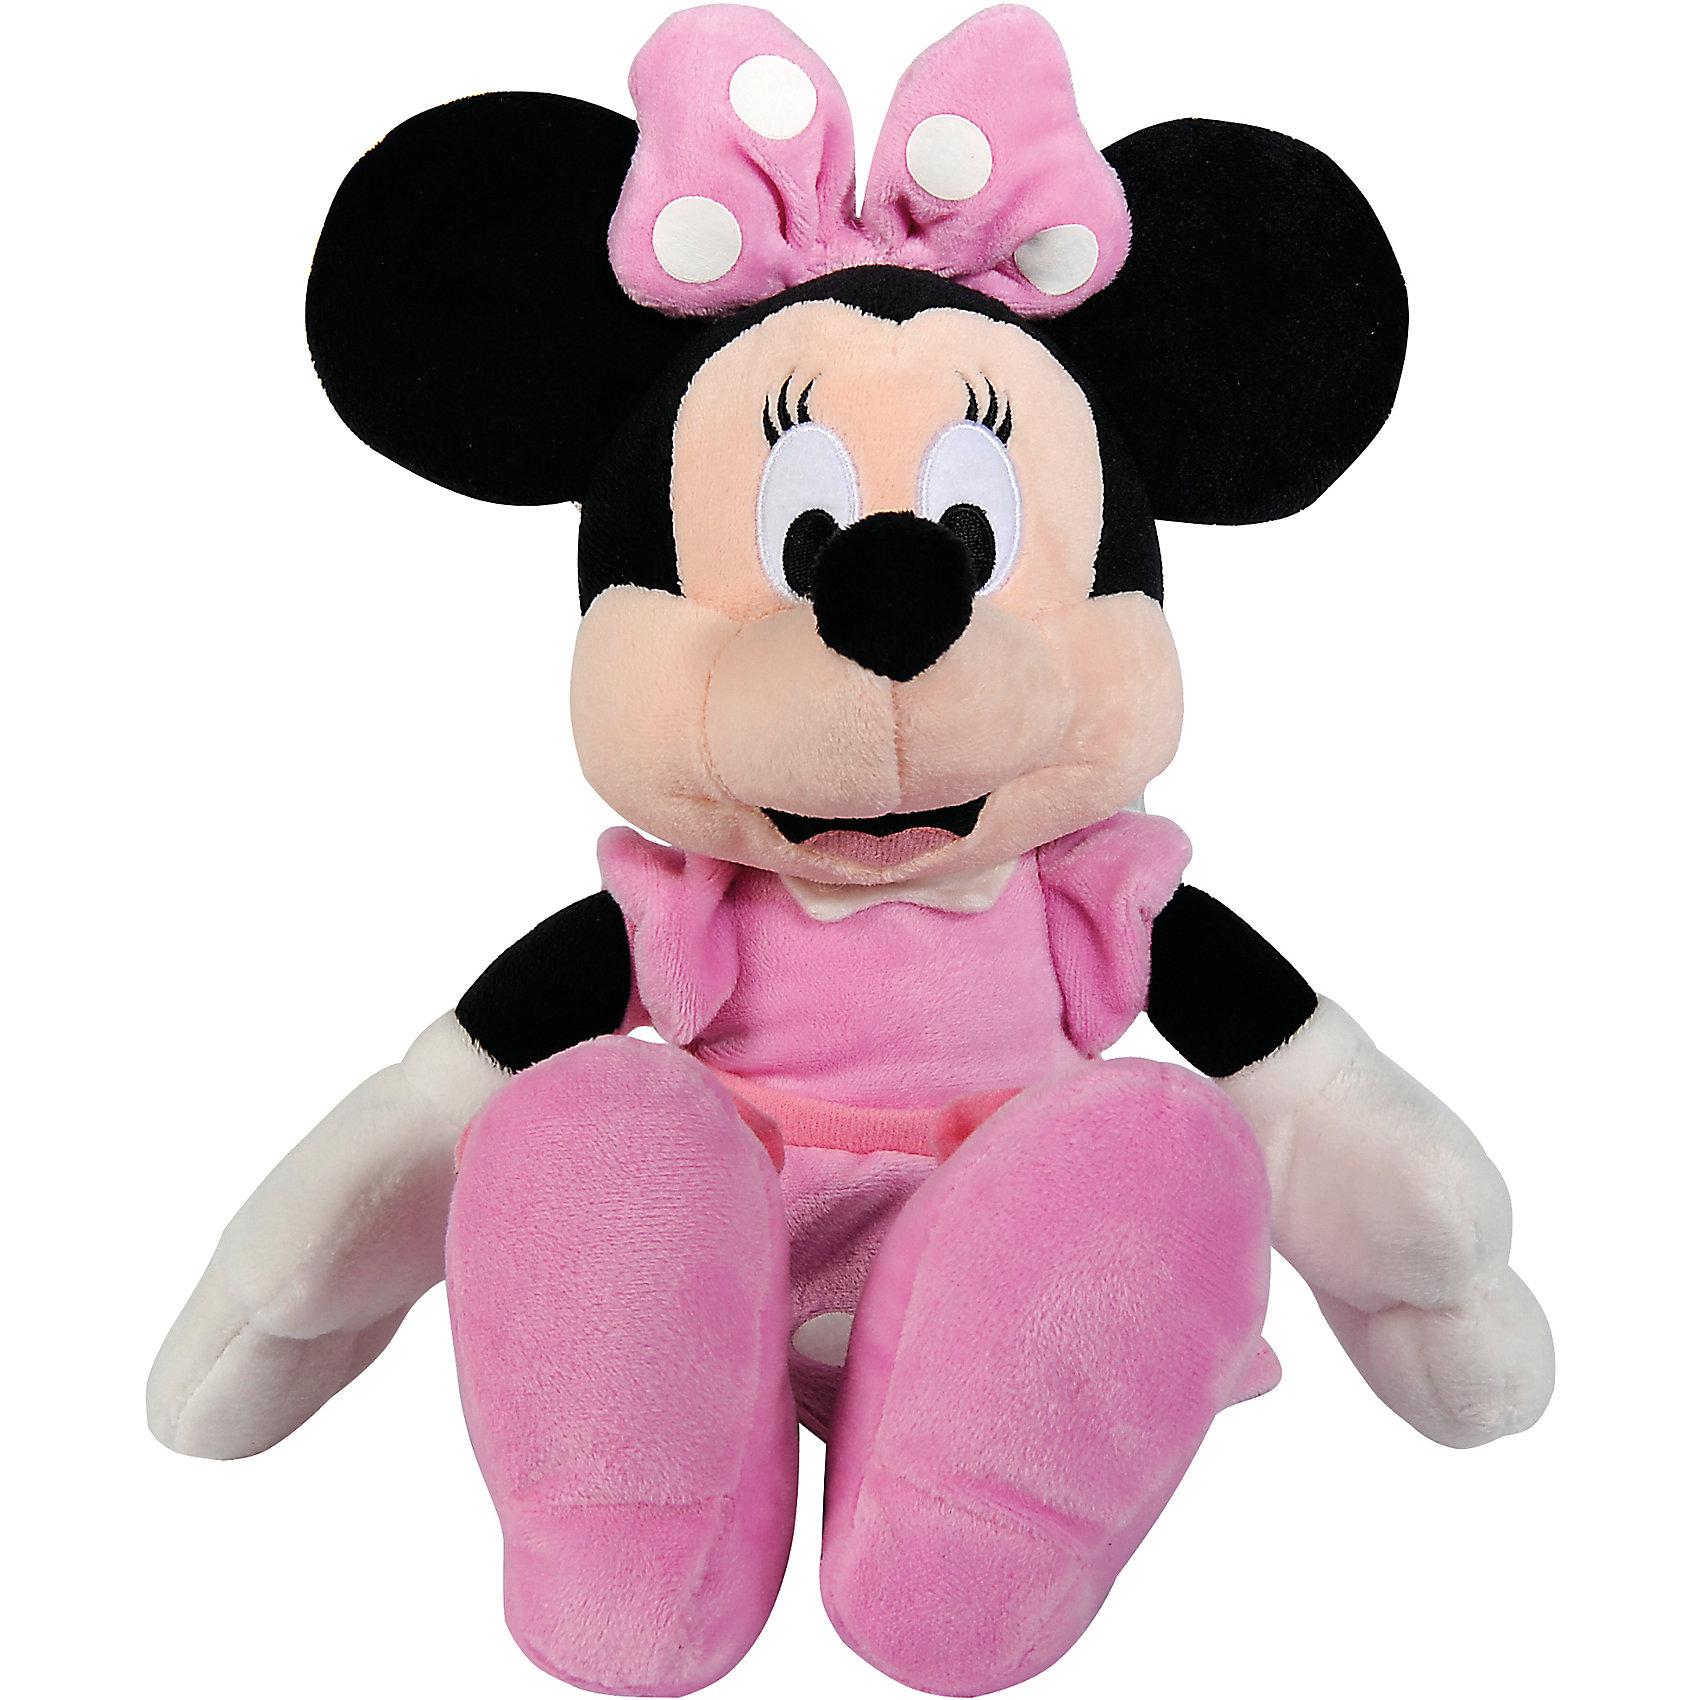 Мягкая игрушка Минни Маус, 25 см, NicotoyЛюбимые герои<br>Характеристики товара:<br><br>• возраст от 3 лет;<br>• материал: плюш;<br>• размер игрушки 25 см;<br>• размер упаковки 35х14х10 см;<br>• вес упаковки 160 гр.;<br>• страна производитель: Китай.<br><br>Мягкая игрушка «Минни Маус» 25 см Nicotoy — известный персонаж мультфильма добрая, заботливая романтичная Минни, подруга Микки Мауса. Минни одета в розовое платье и ботиночки, а на ее голове бантик в горошек. Игрушку можно взять с собой на прогулку, в гости или детский садик и придумывать разнообразные сюжеты для игры. Игрушка изготовлена из качественного безвредного материала.<br><br>Мягкую игрушку «Минни Маус» 25 см Nicotoy можно приобрести в нашем интернет-магазине.<br><br>Ширина мм: 350<br>Глубина мм: 140<br>Высота мм: 100<br>Вес г: 160<br>Возраст от месяцев: 36<br>Возраст до месяцев: 96<br>Пол: Женский<br>Возраст: Детский<br>SKU: 5613487